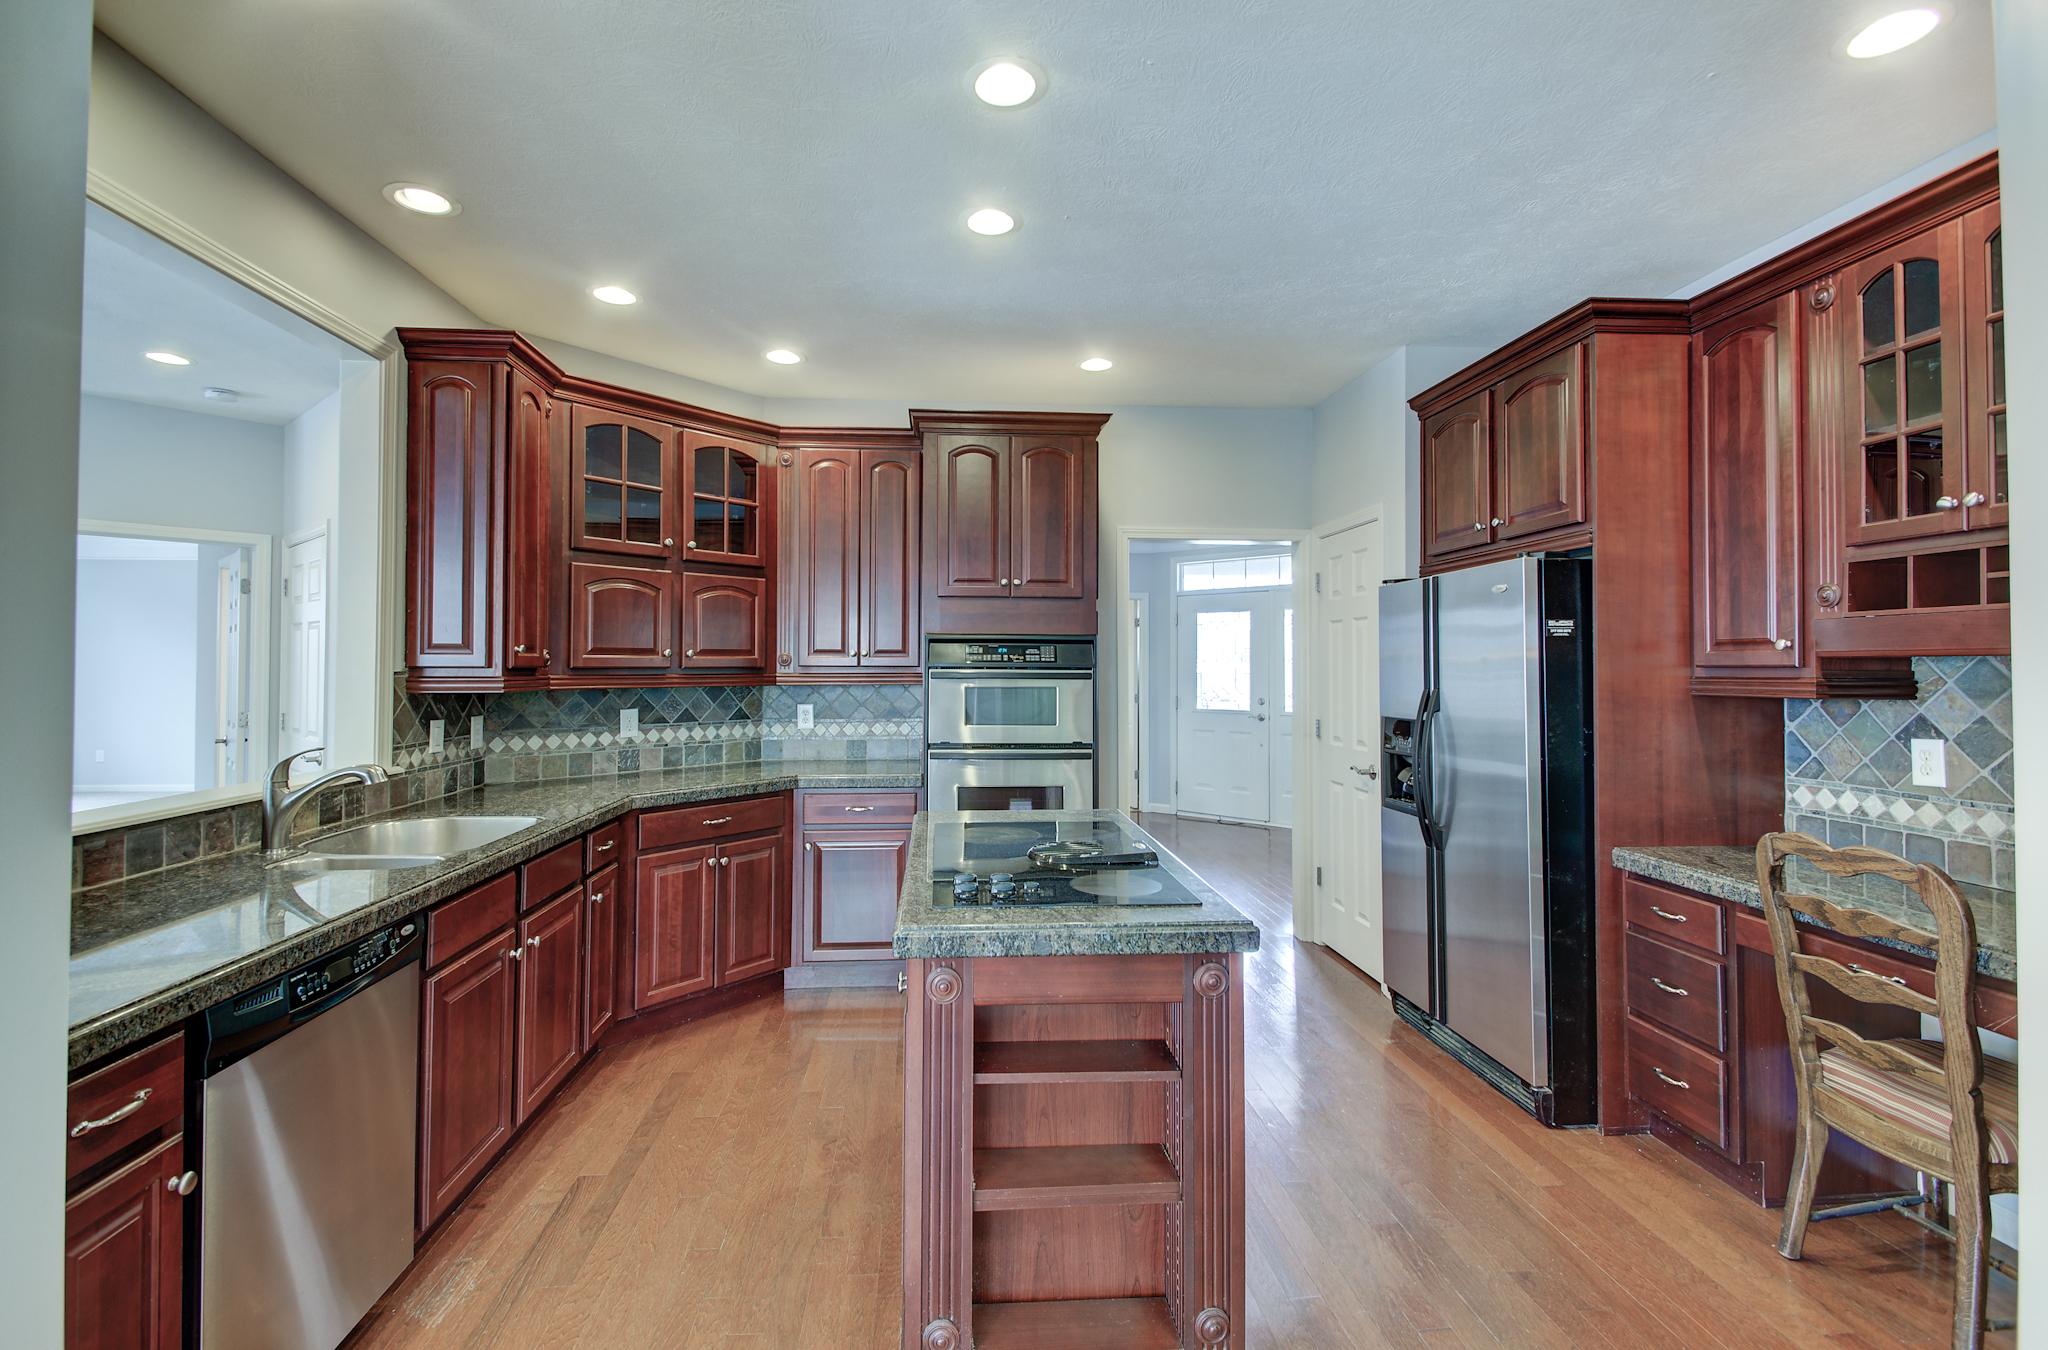 5-Kitchen View 2.jpg